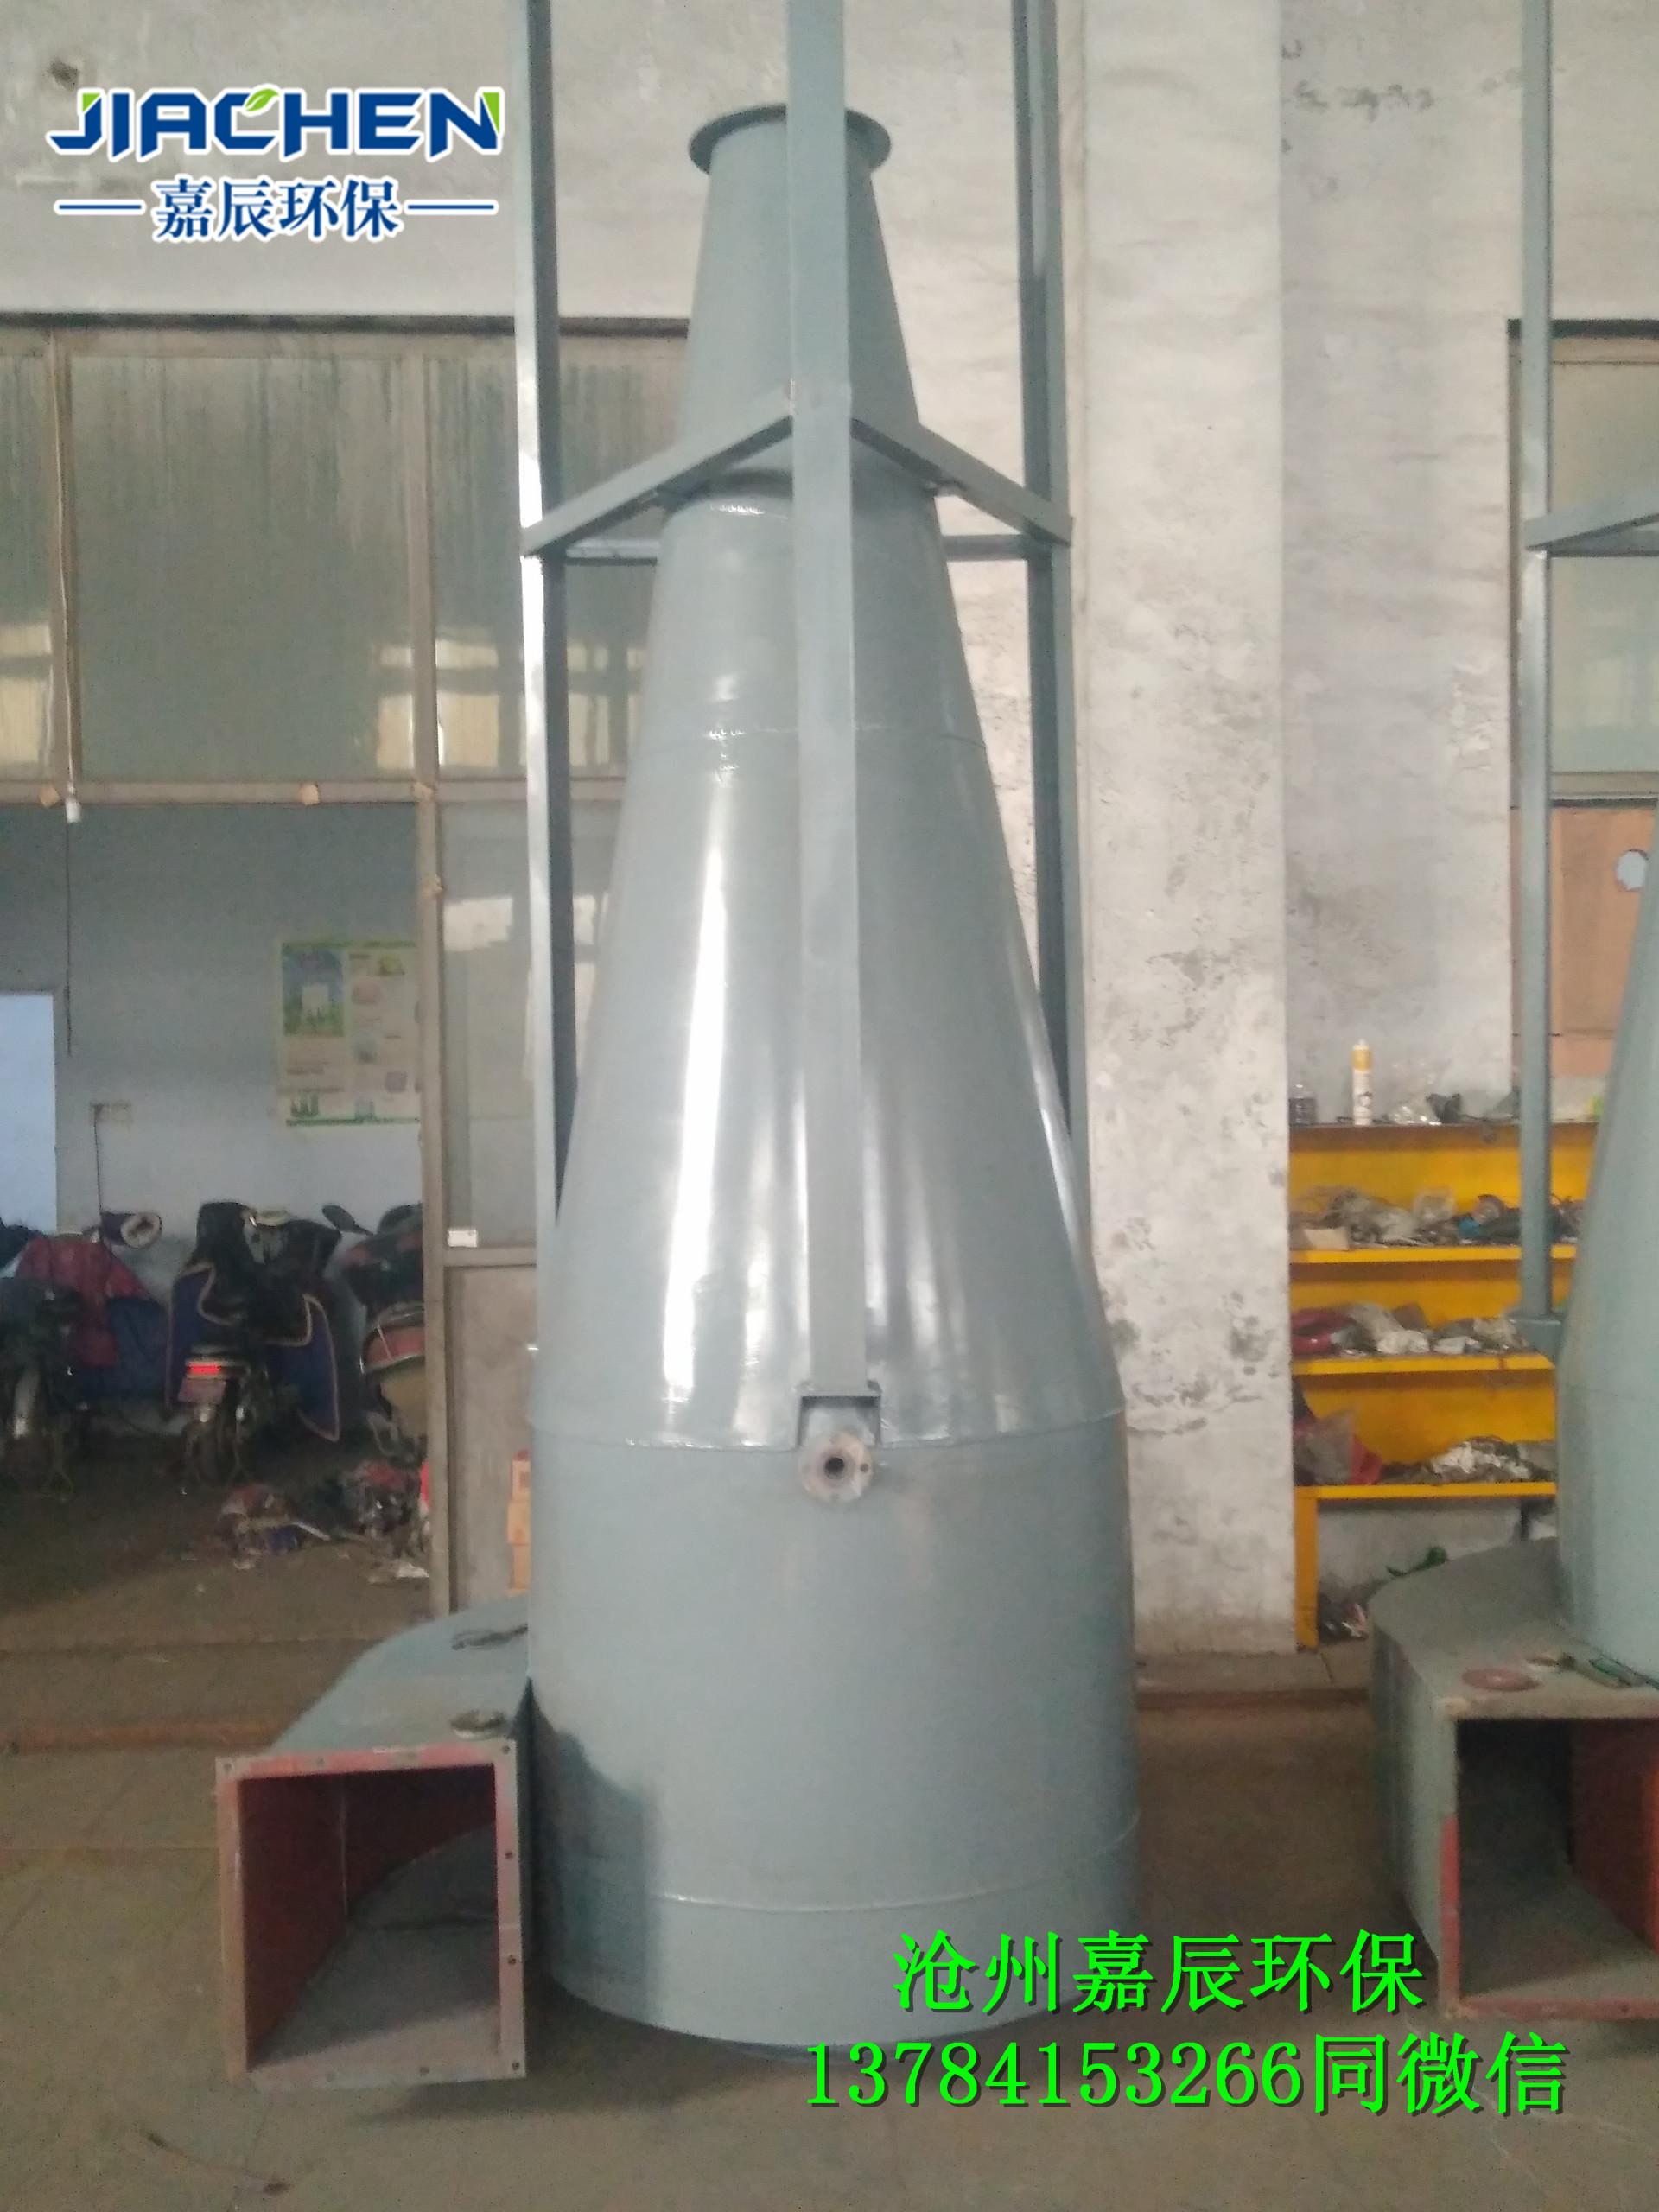 沙克龙除尘器 多管多级旋风除尘器 粉尘离心分离设备 嘉辰环保 山东青岛示例图2